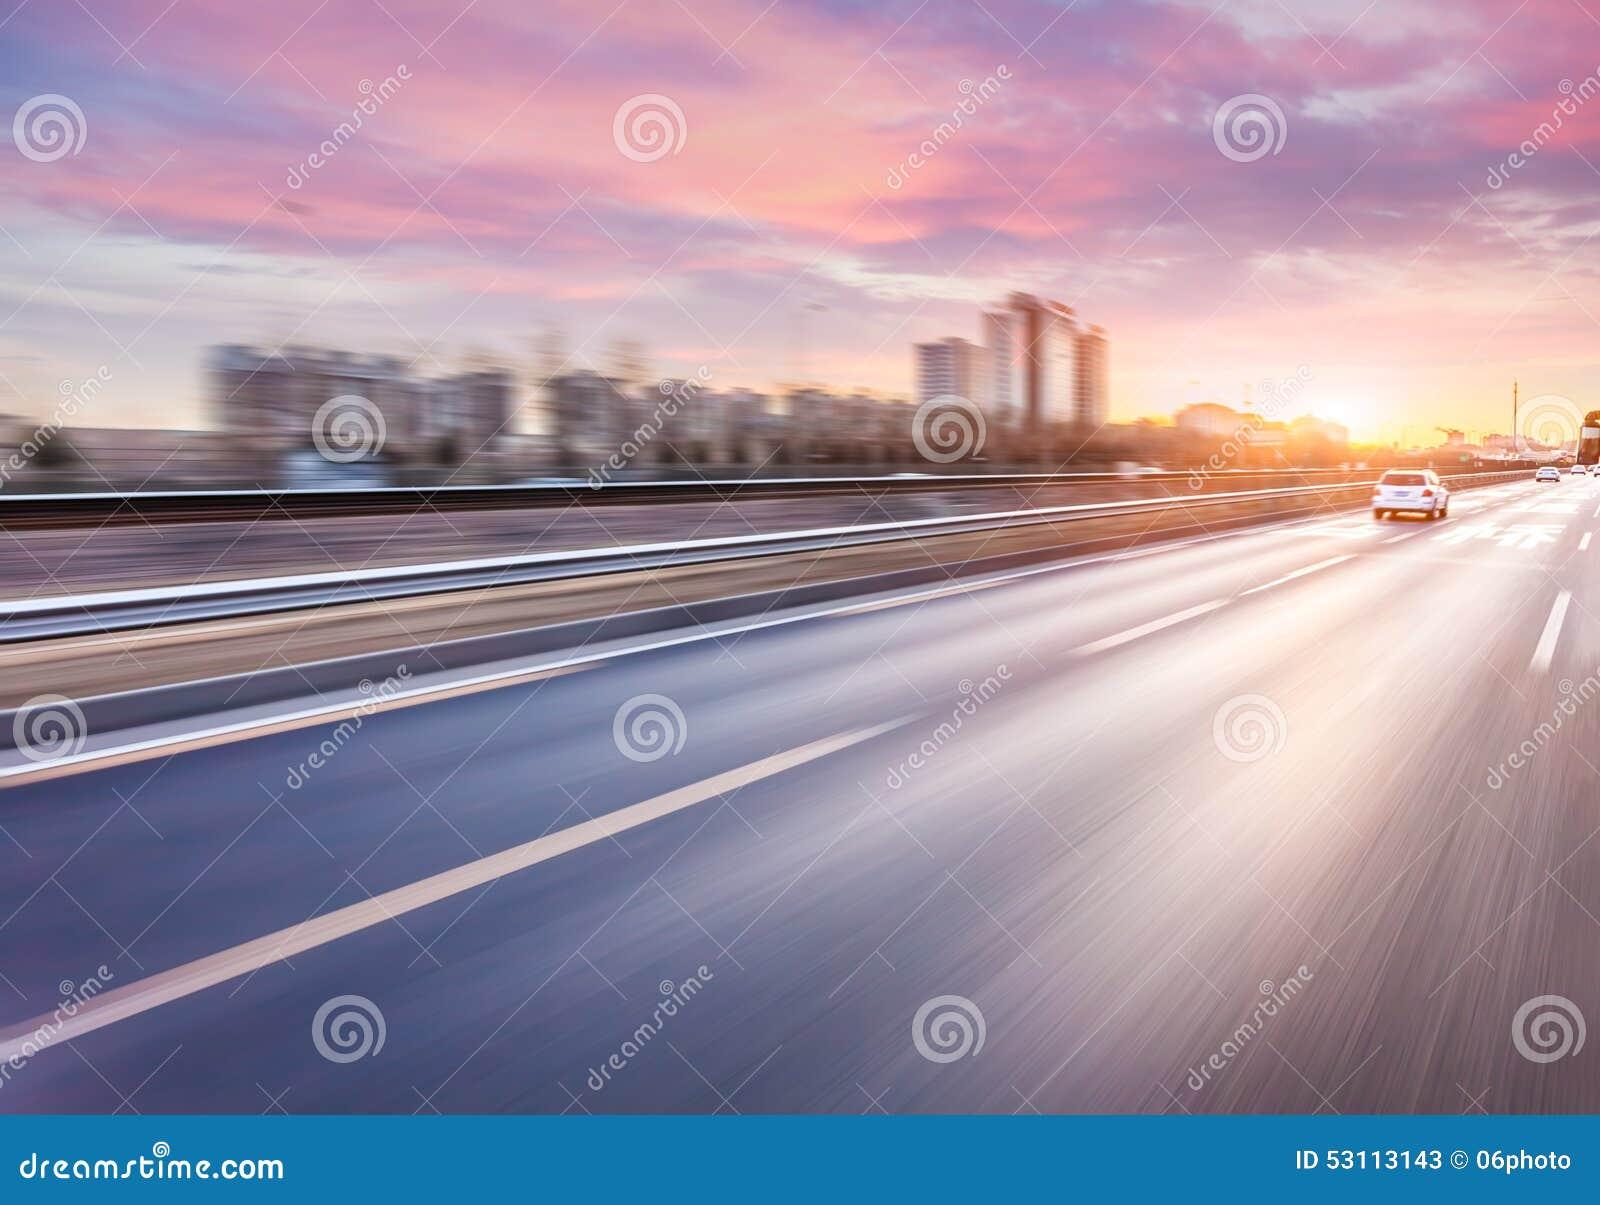 Condução de carro na autoestrada no por do sol, borrão de movimento